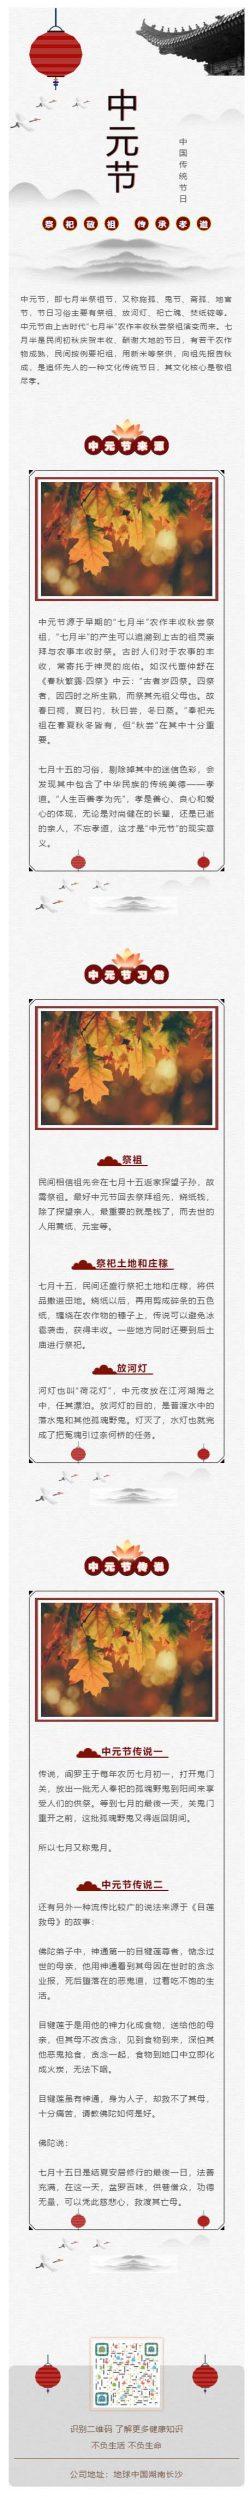 中元节七月半祭祖节鬼节中国风素材模板微信推文模板